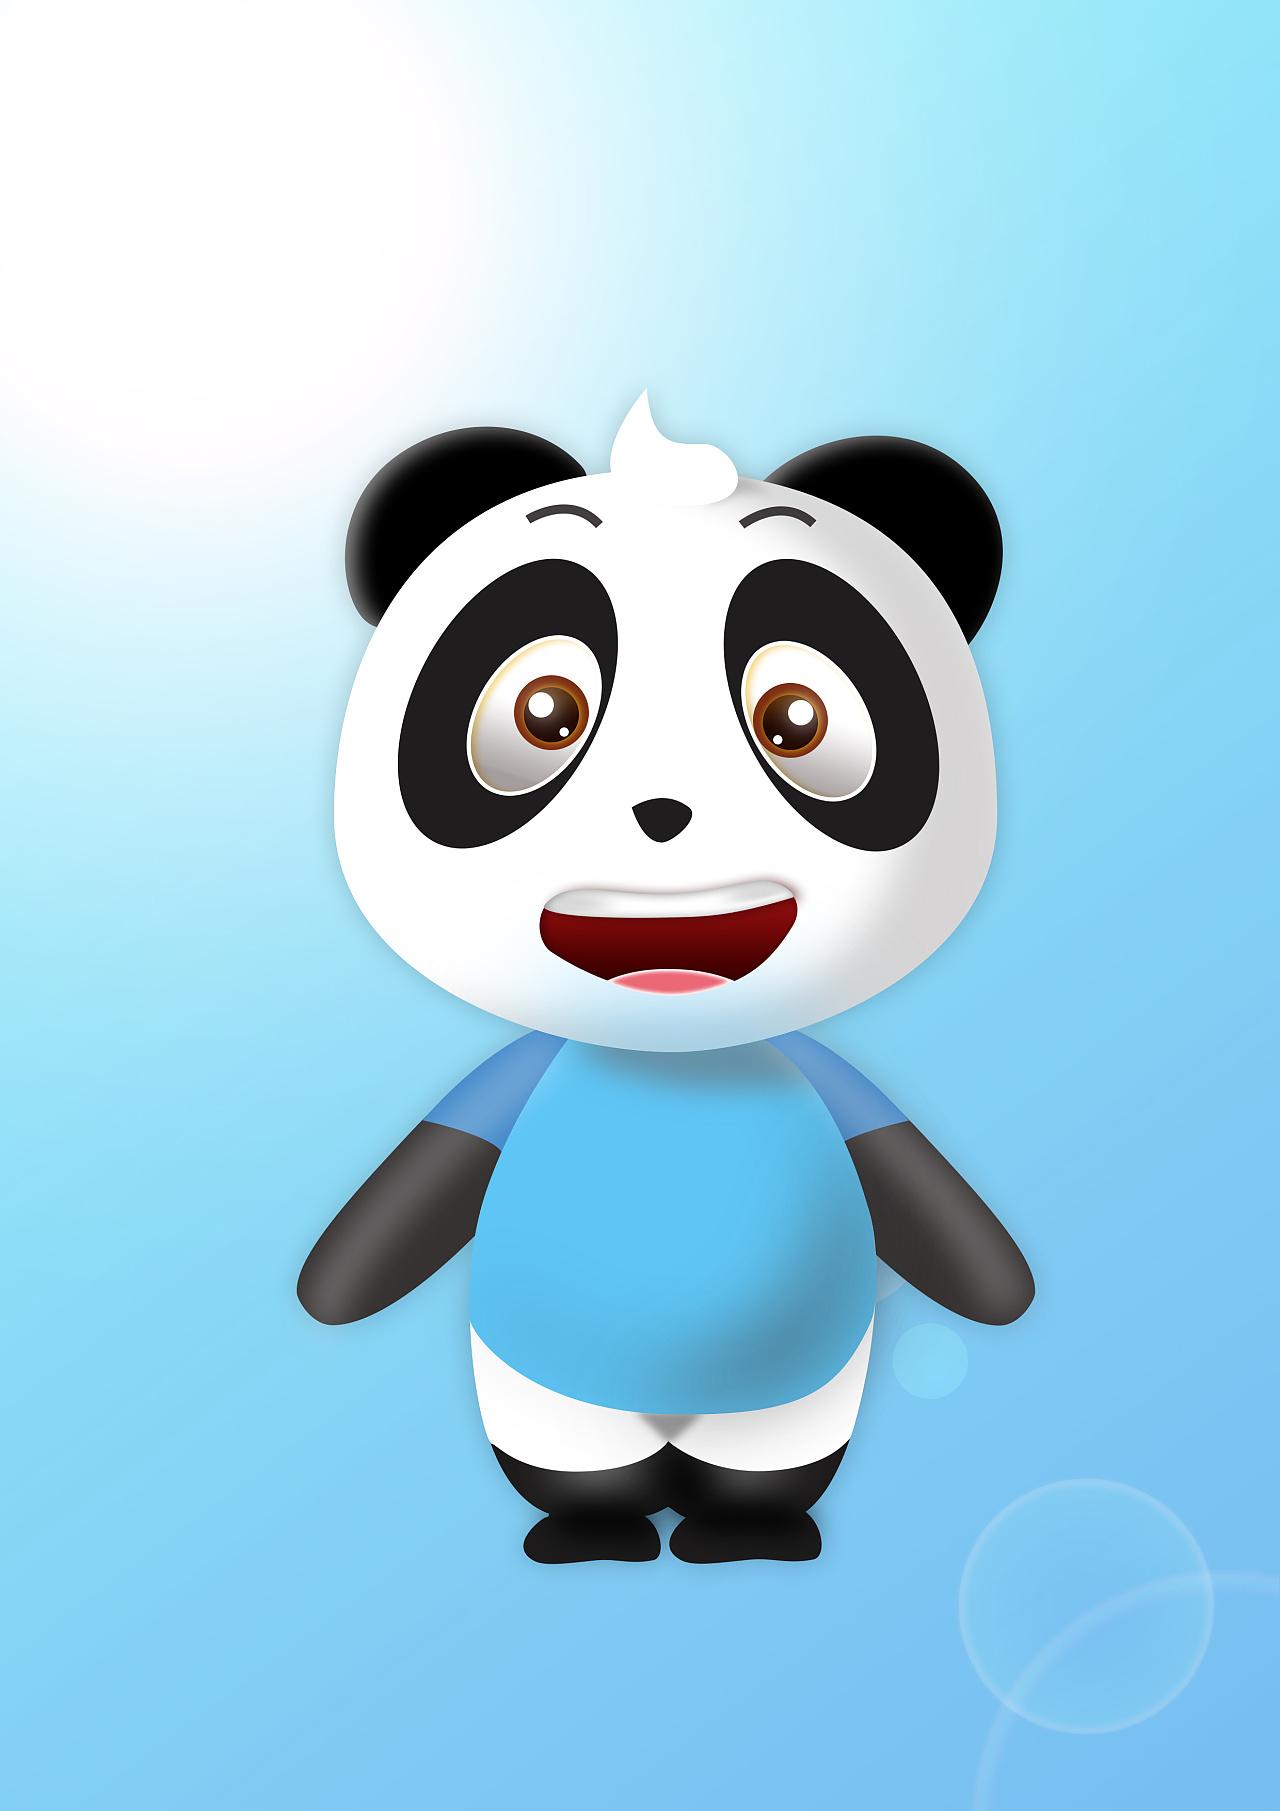 萌萌哒 大熊猫